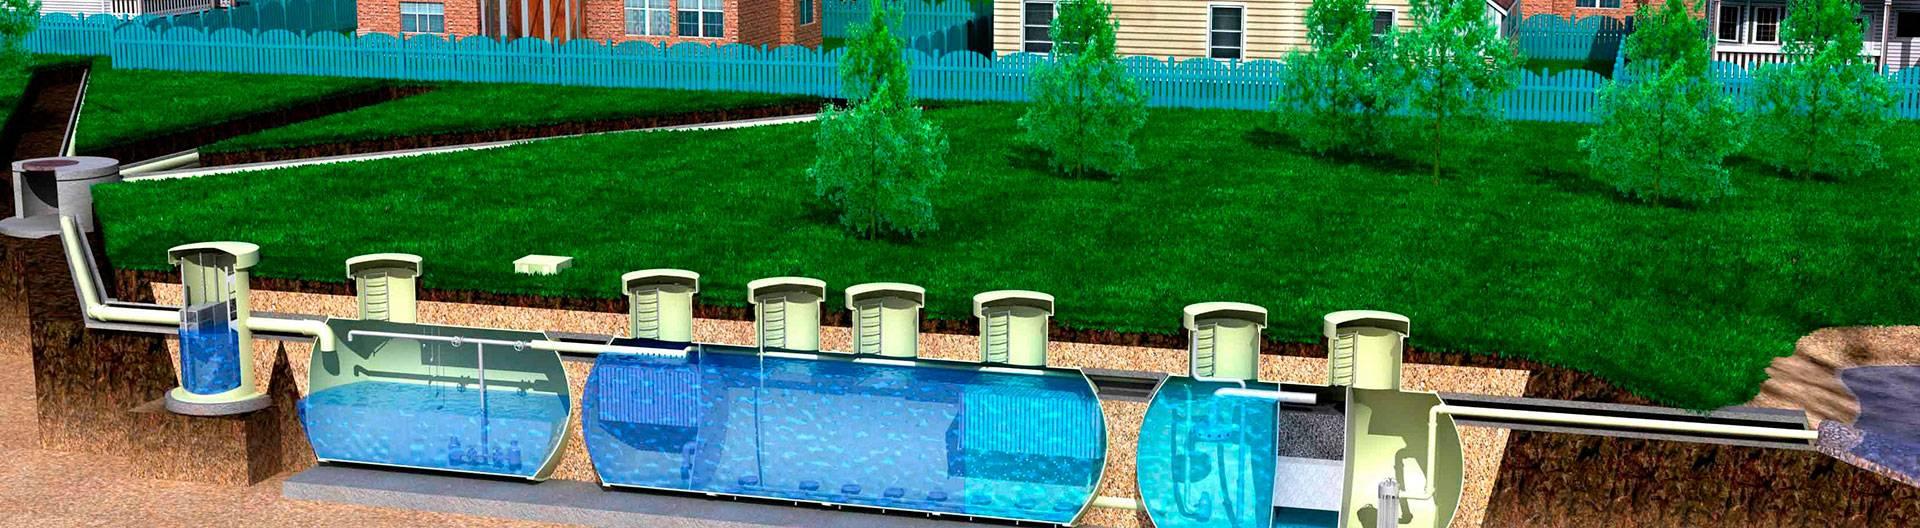 Локальные очистные сооружения ливневой канализации | все о септиках